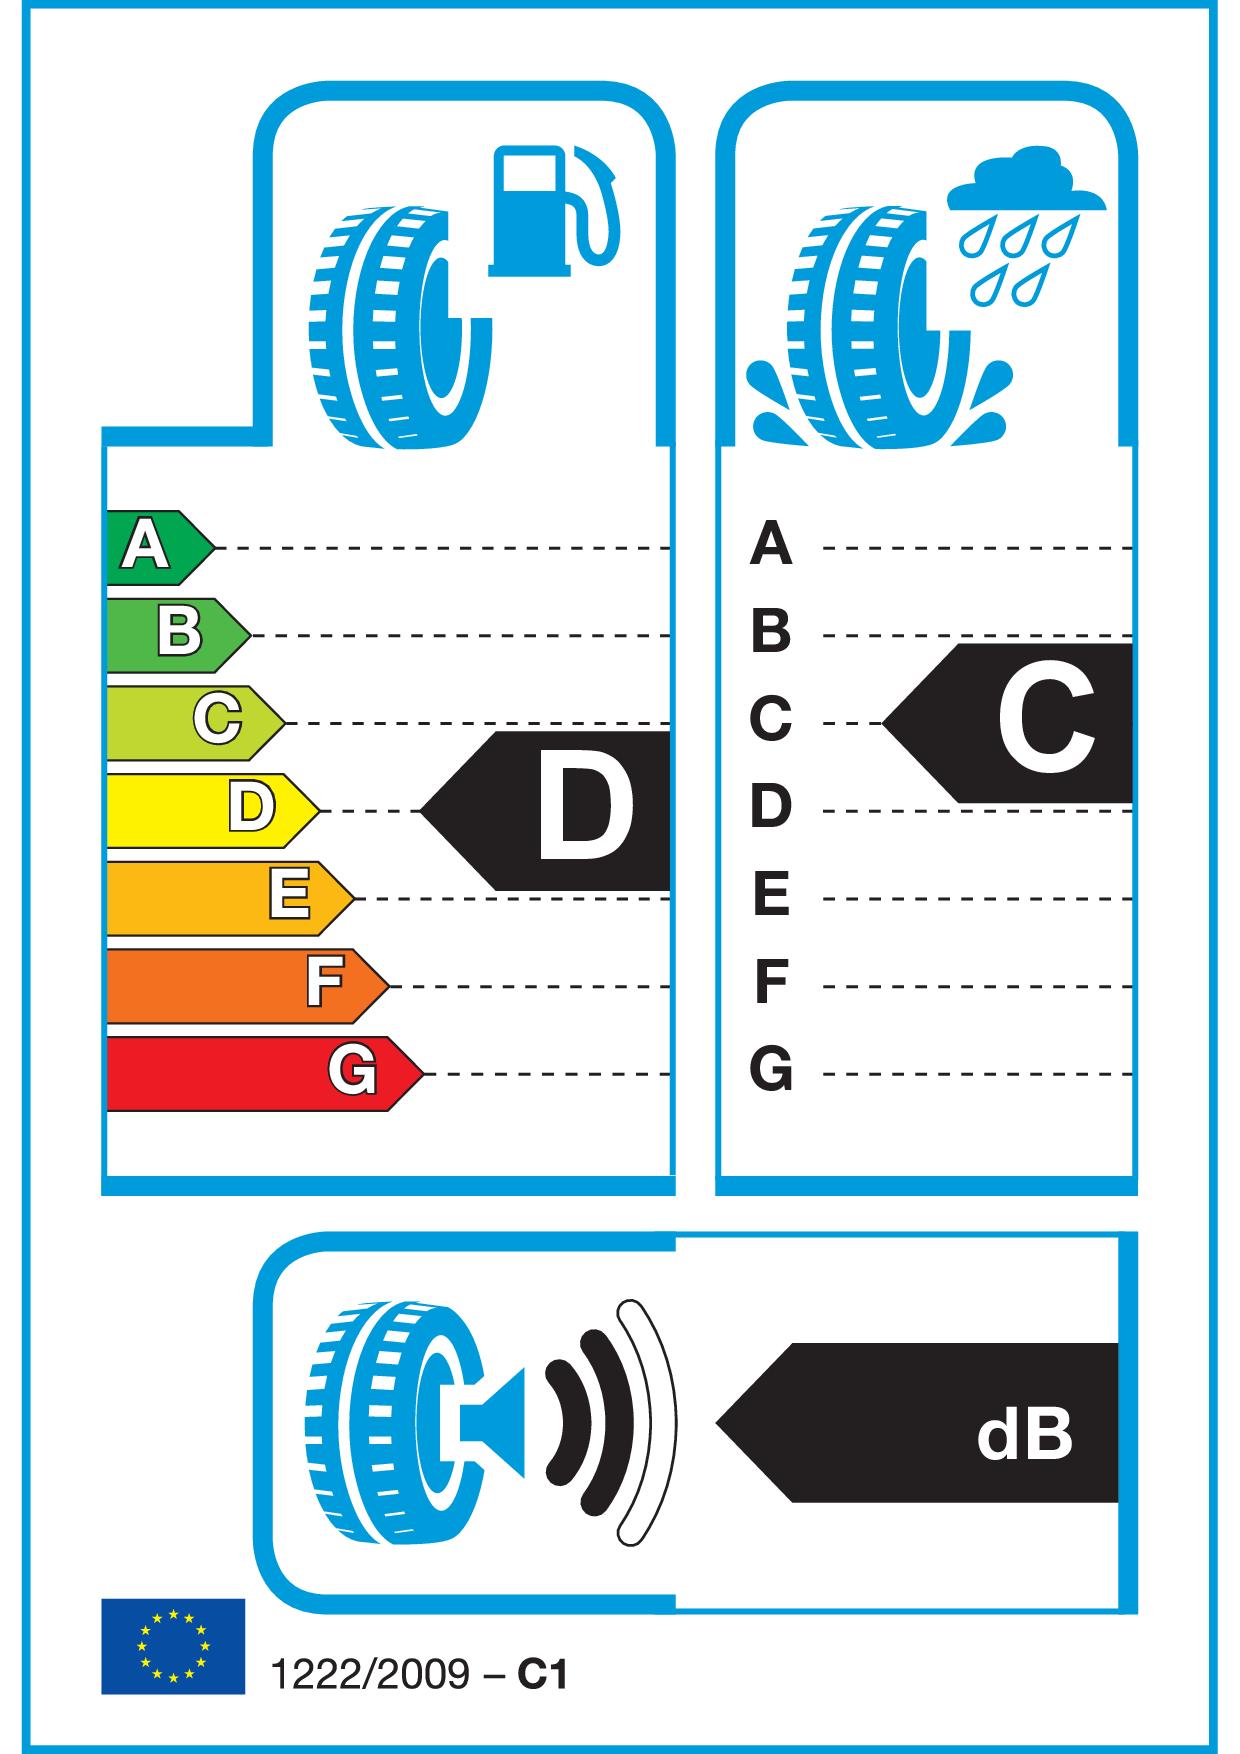 es_label